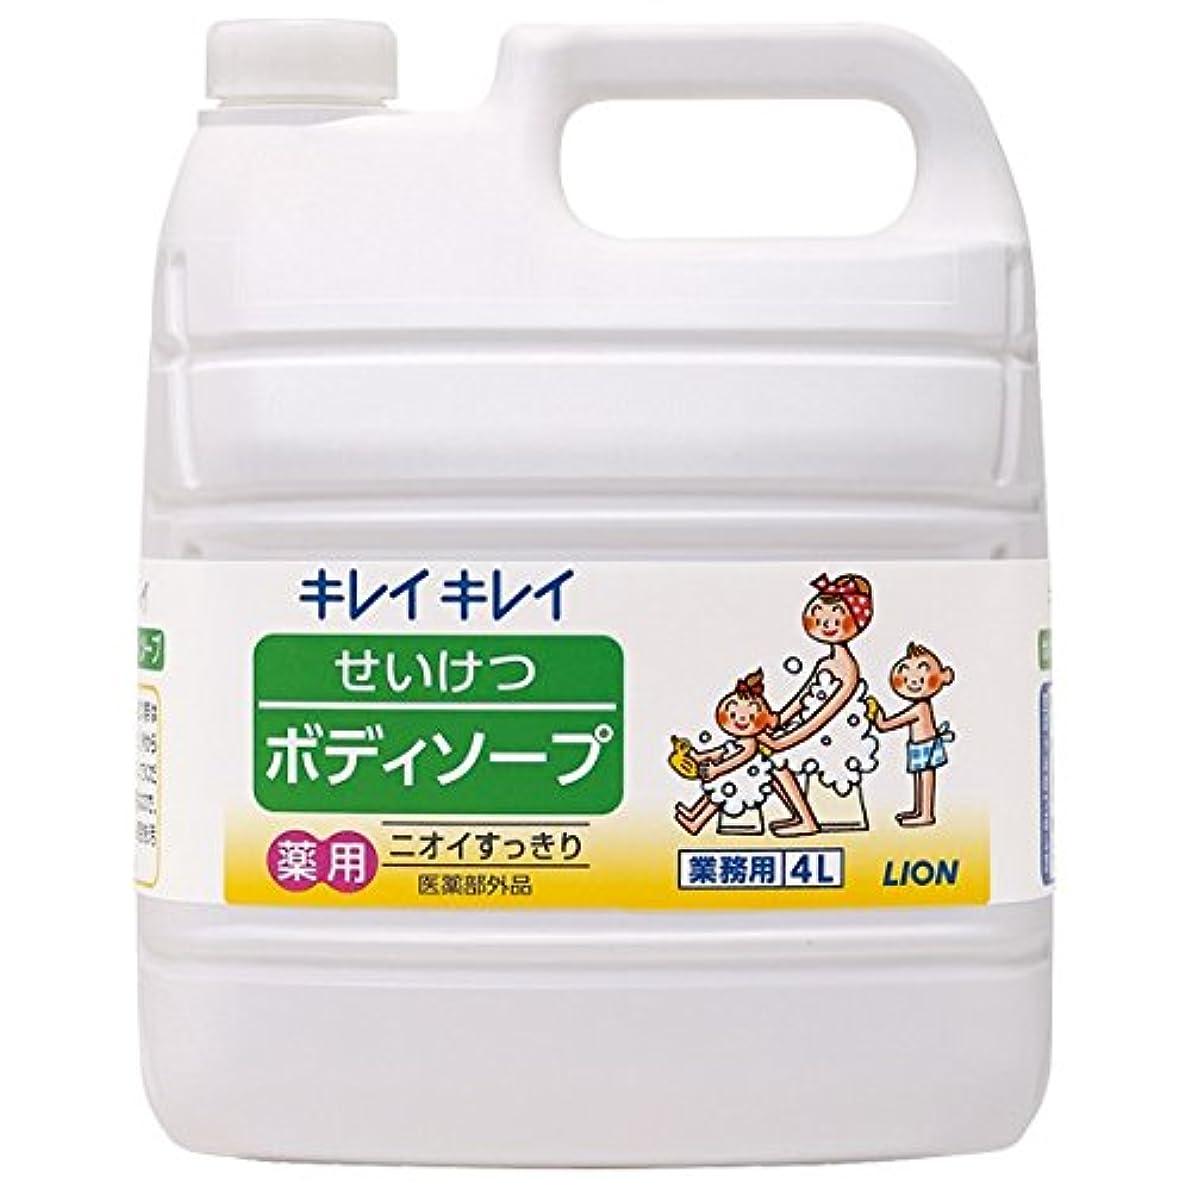 出血怖がらせるモネライオン キレイキレイ せいけつボディソープ さわやかなレモン&オレンジの香り 業務用 4L×3本